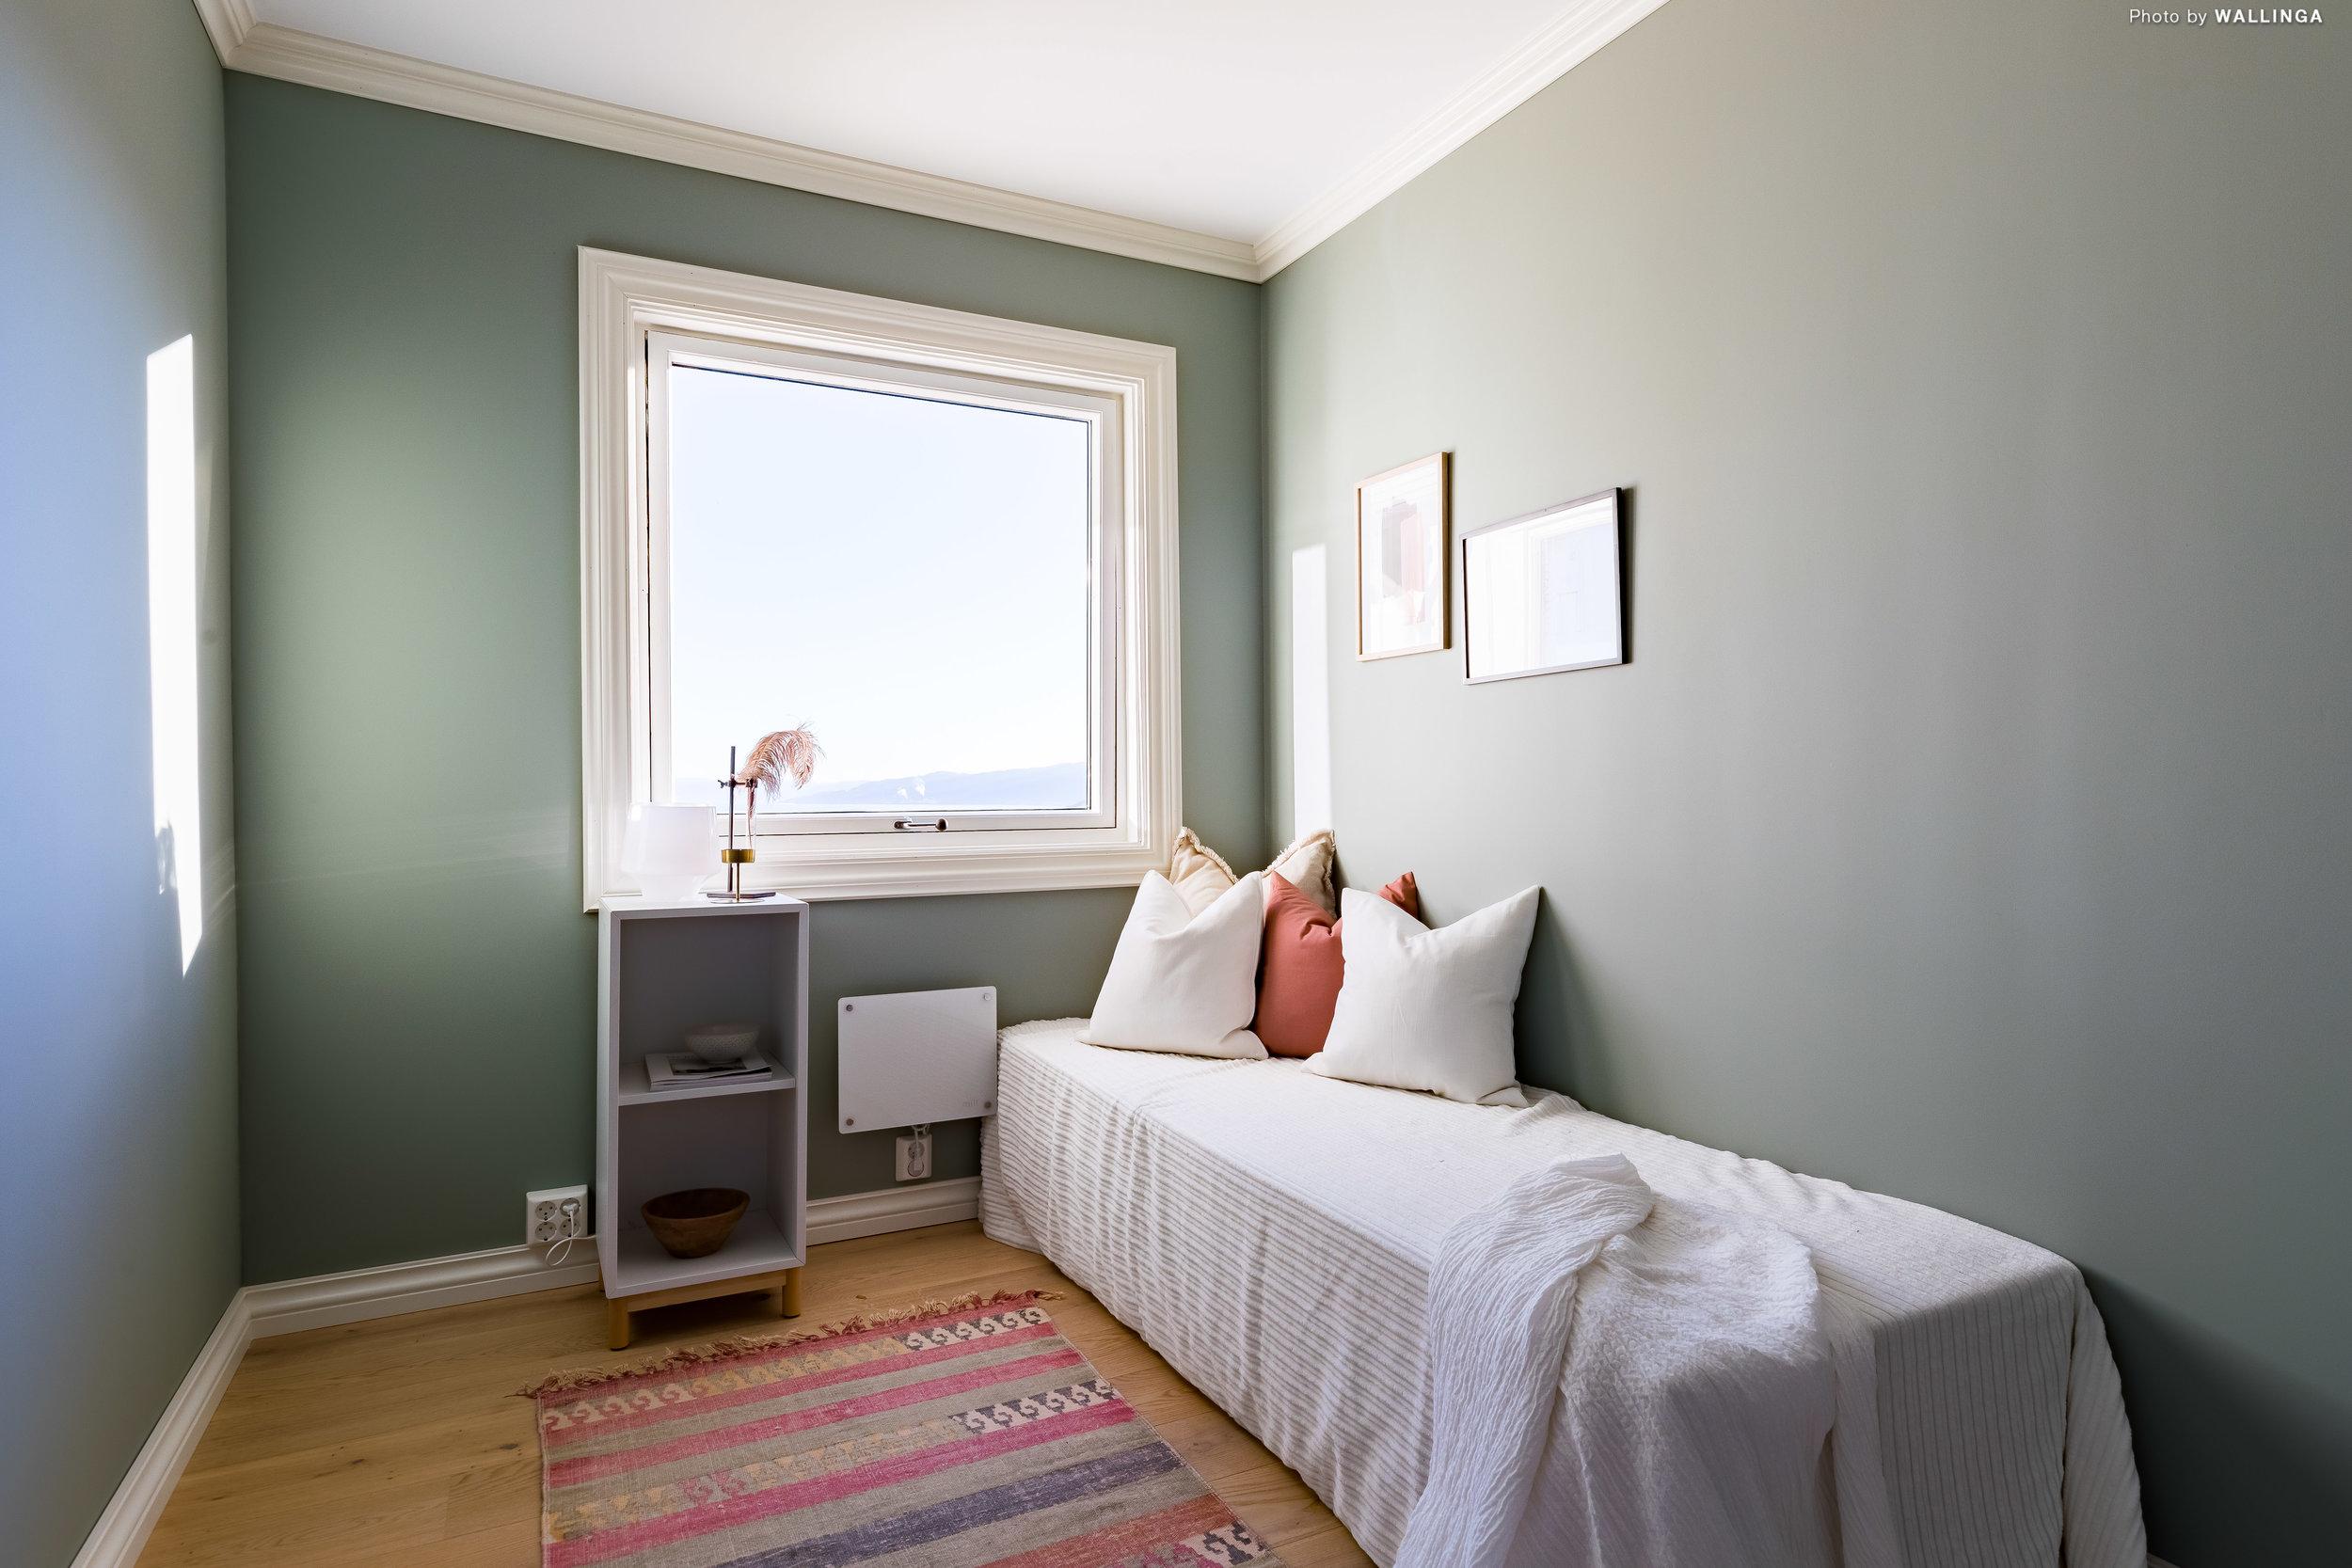 fotograf wallinga deko interior (2).jpg